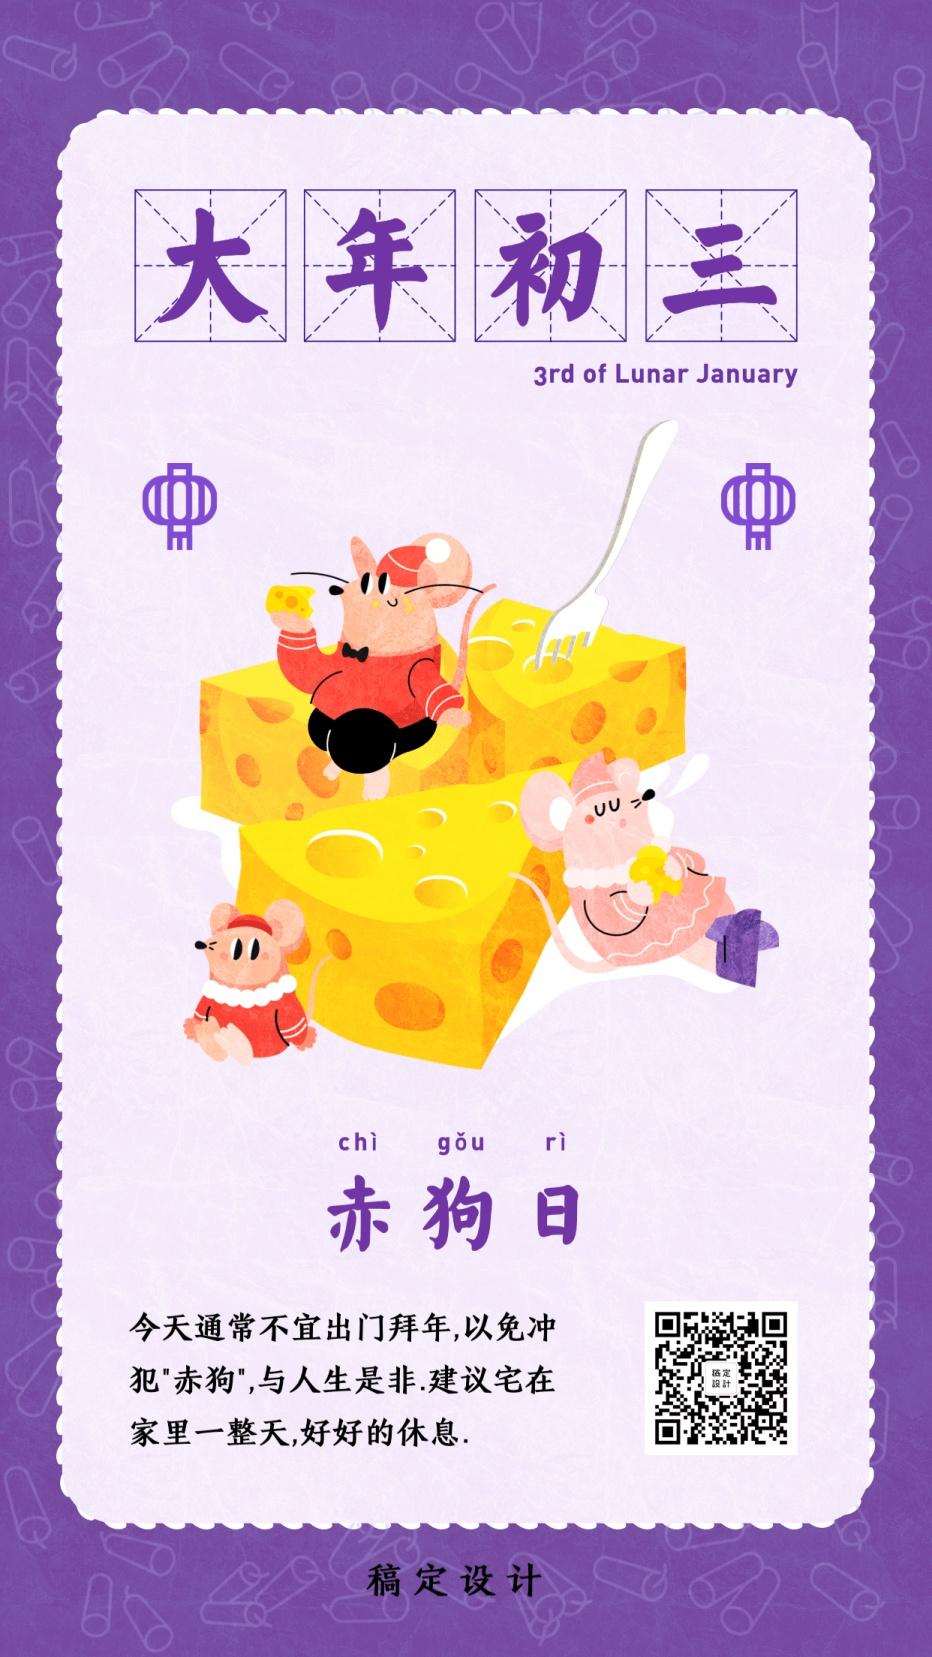 套系春节鼠年大年初三赤狗日习俗年俗手绘手机海报